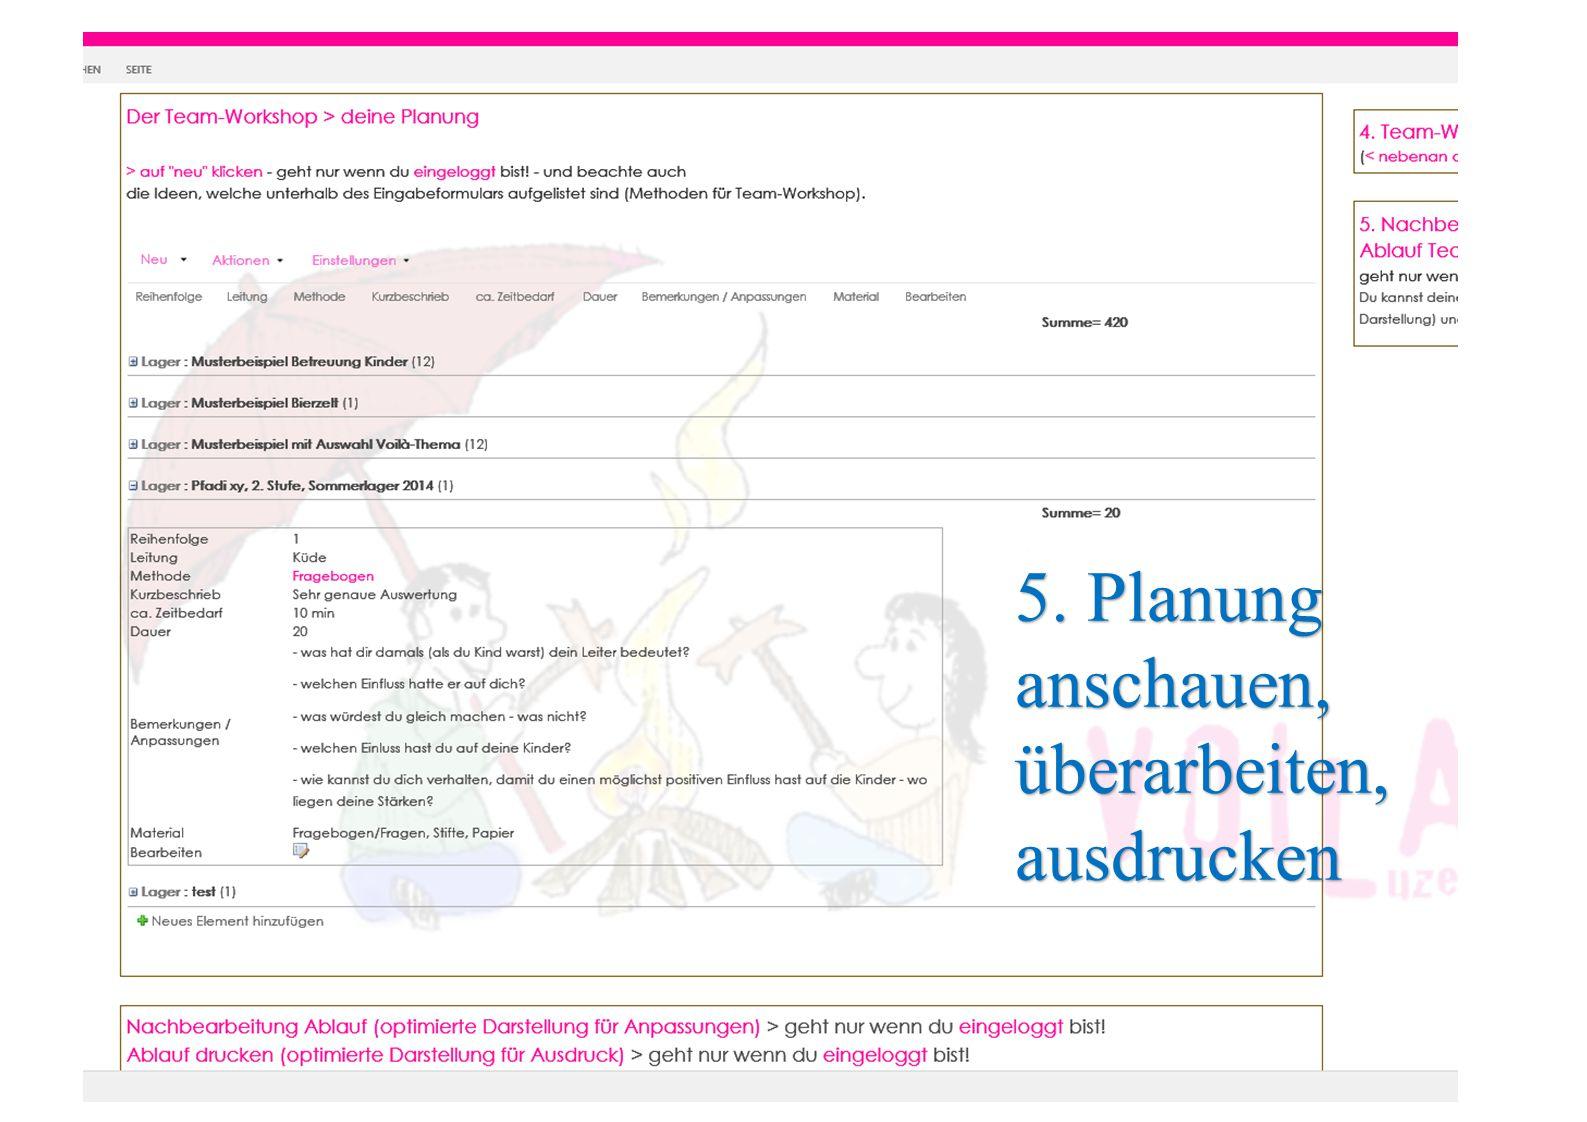 5. Planung anschauen, überarbeiten, ausdrucken